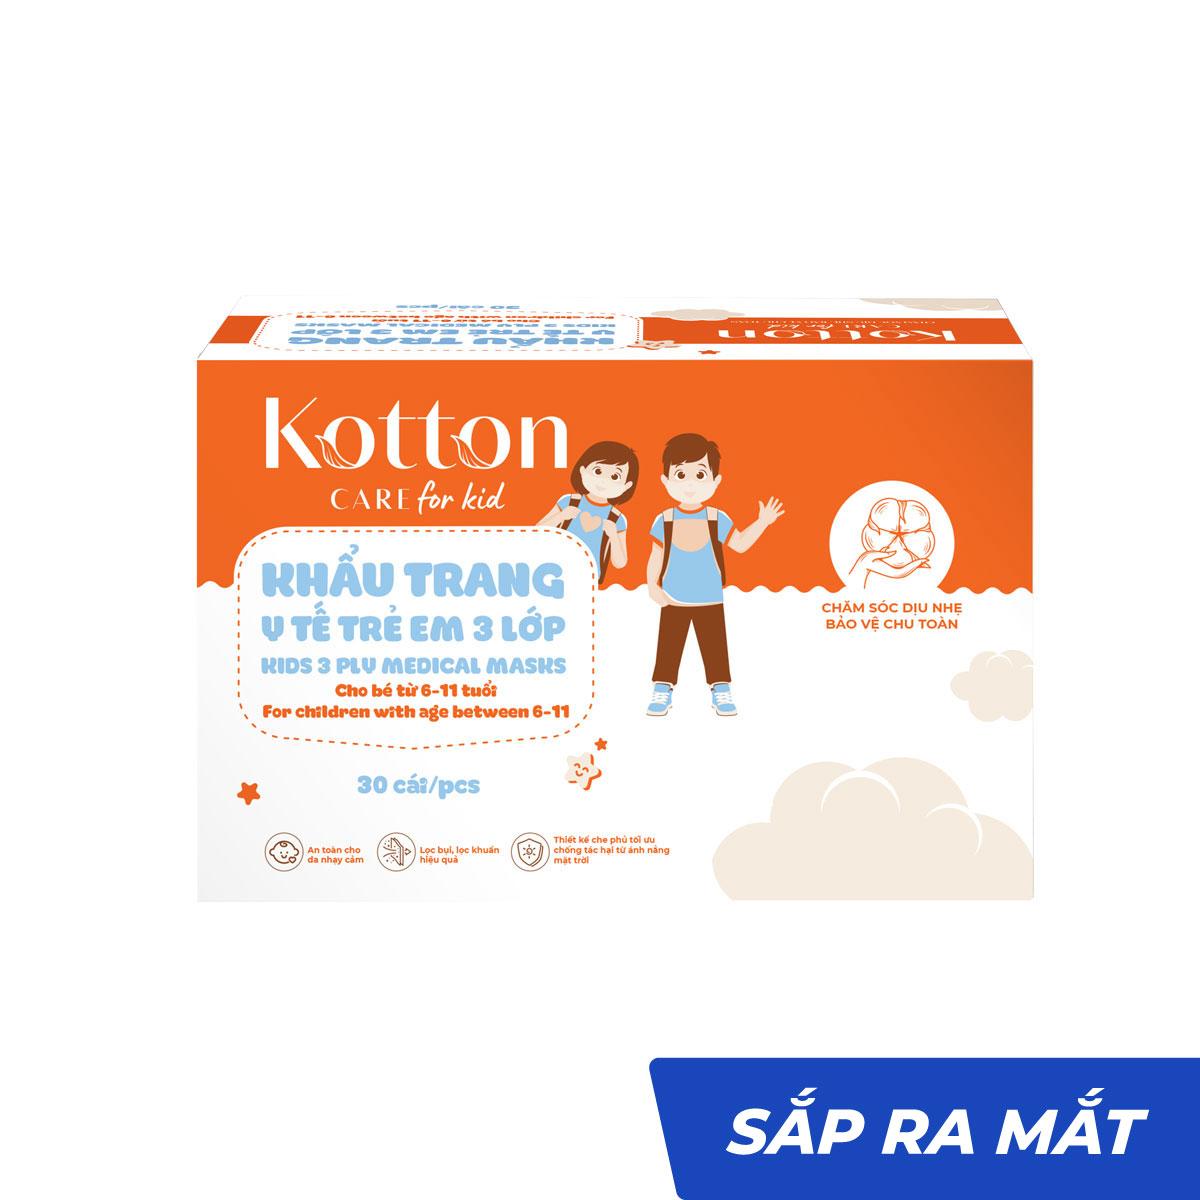 Khẩu trang y tế trẻ em 3 lớp 30 cái kháng khuẩn - Kotton Care for Kid